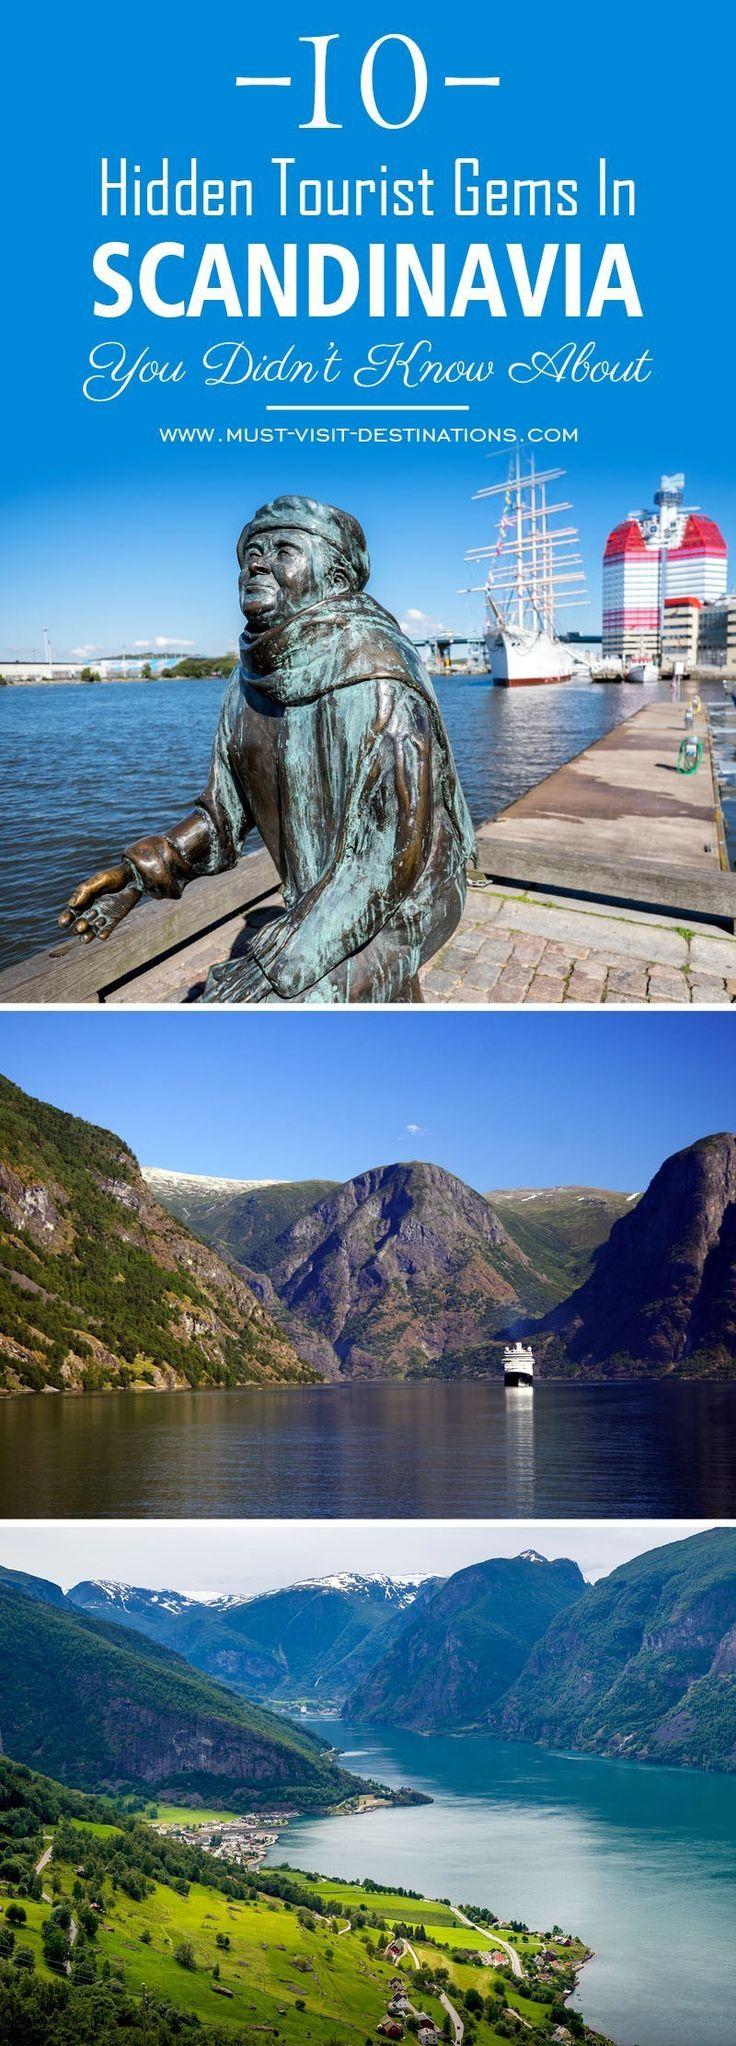 10 Hidden Tourist Gems In Scandinavia You Didn't Know About #Scandinavia #travel